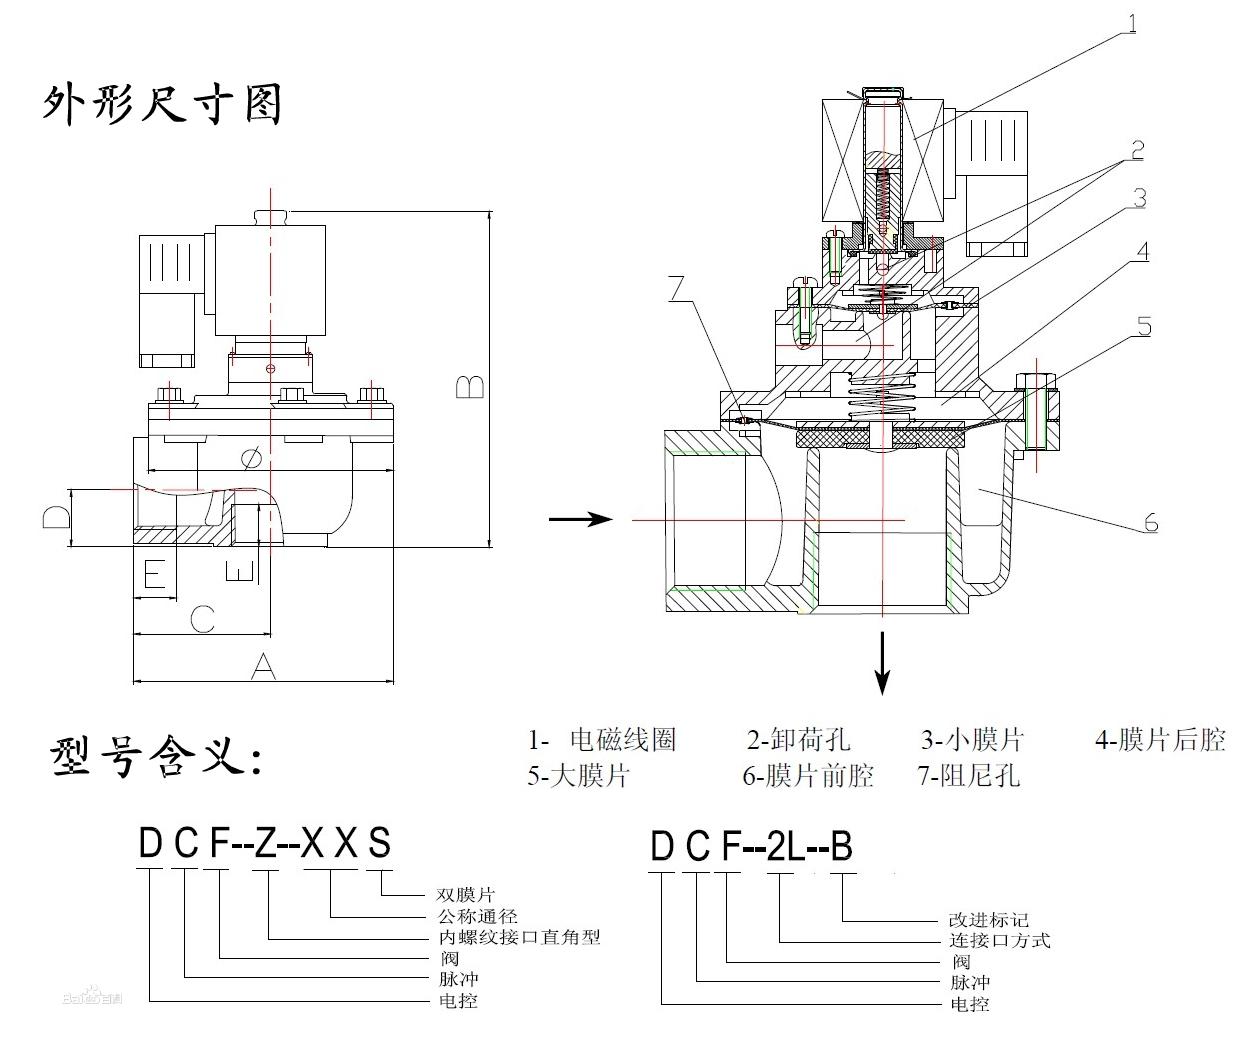 天津九州3寸电磁脉冲阀厂家|直通式电磁阀|淹没式电磁阀图片